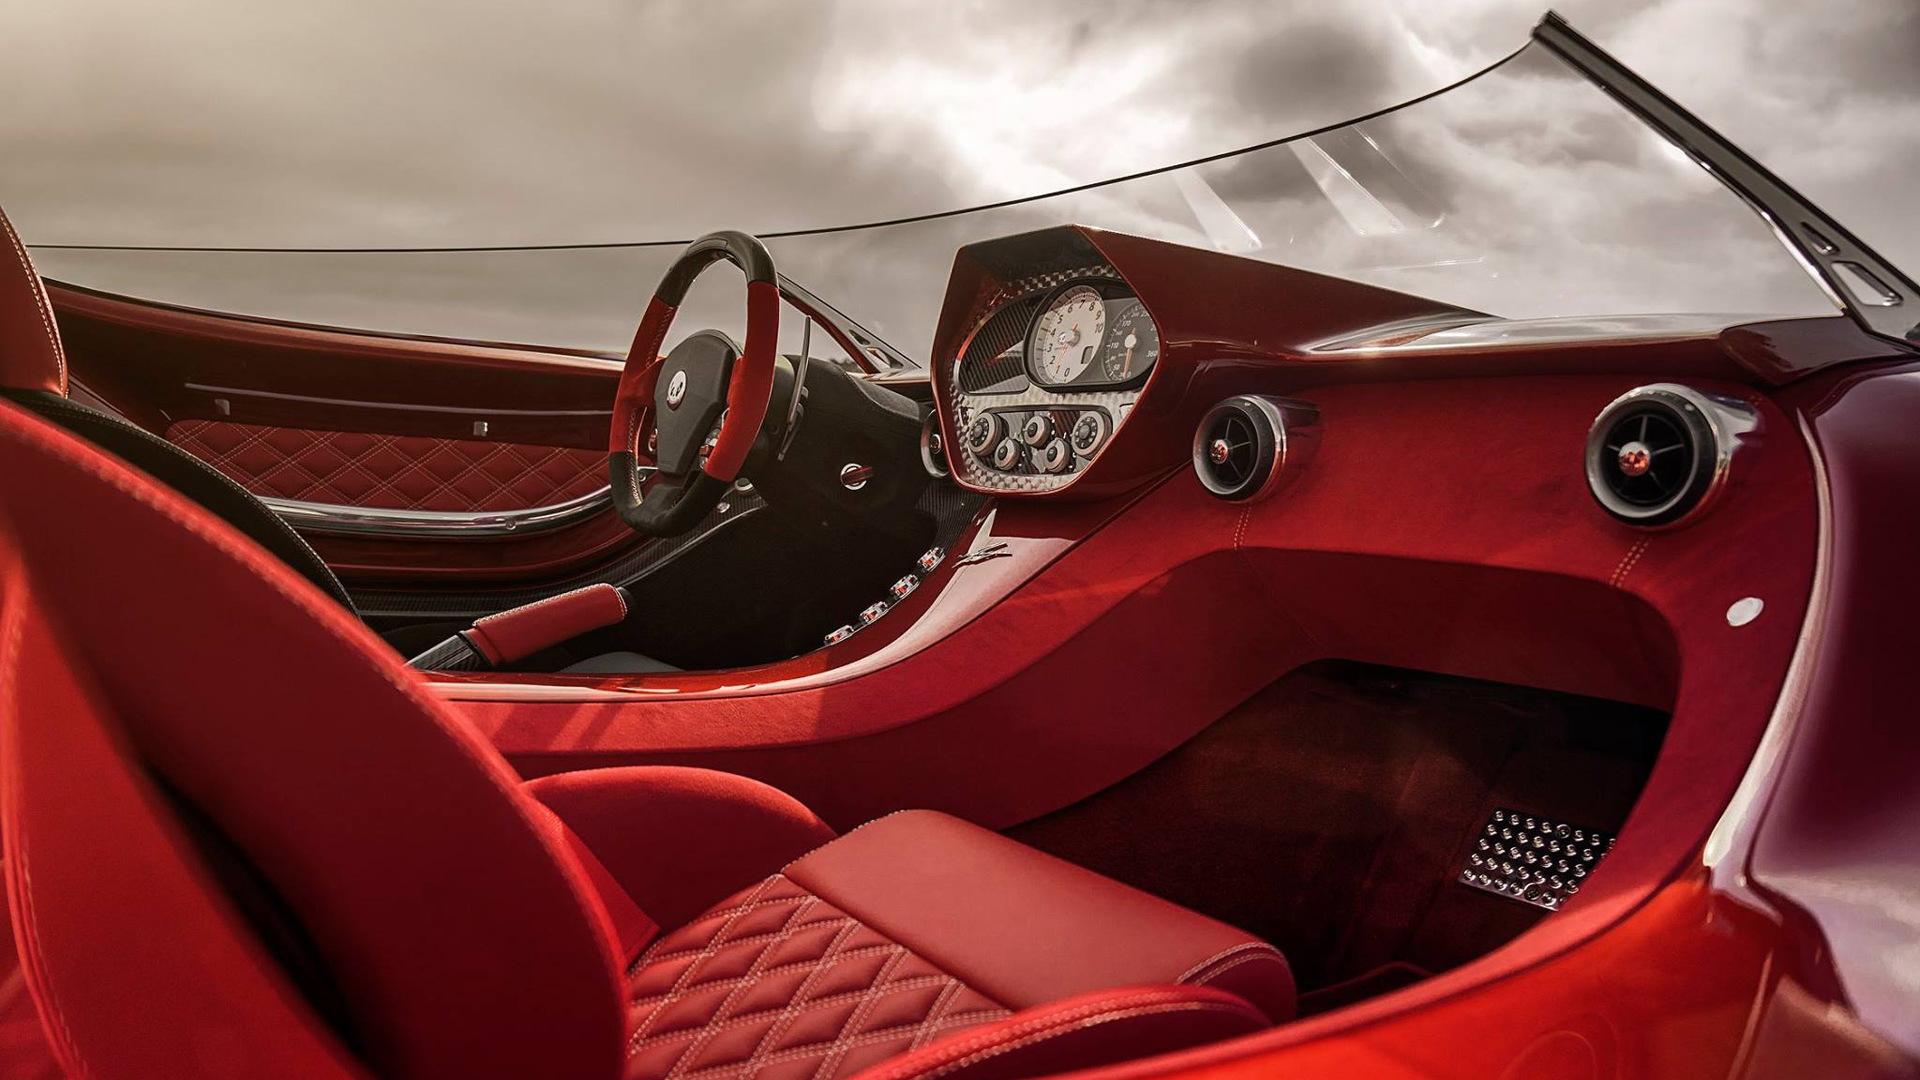 Ken Okuyama Kode57, 2016 Monterey Car Week - image via Jordan Shiraki